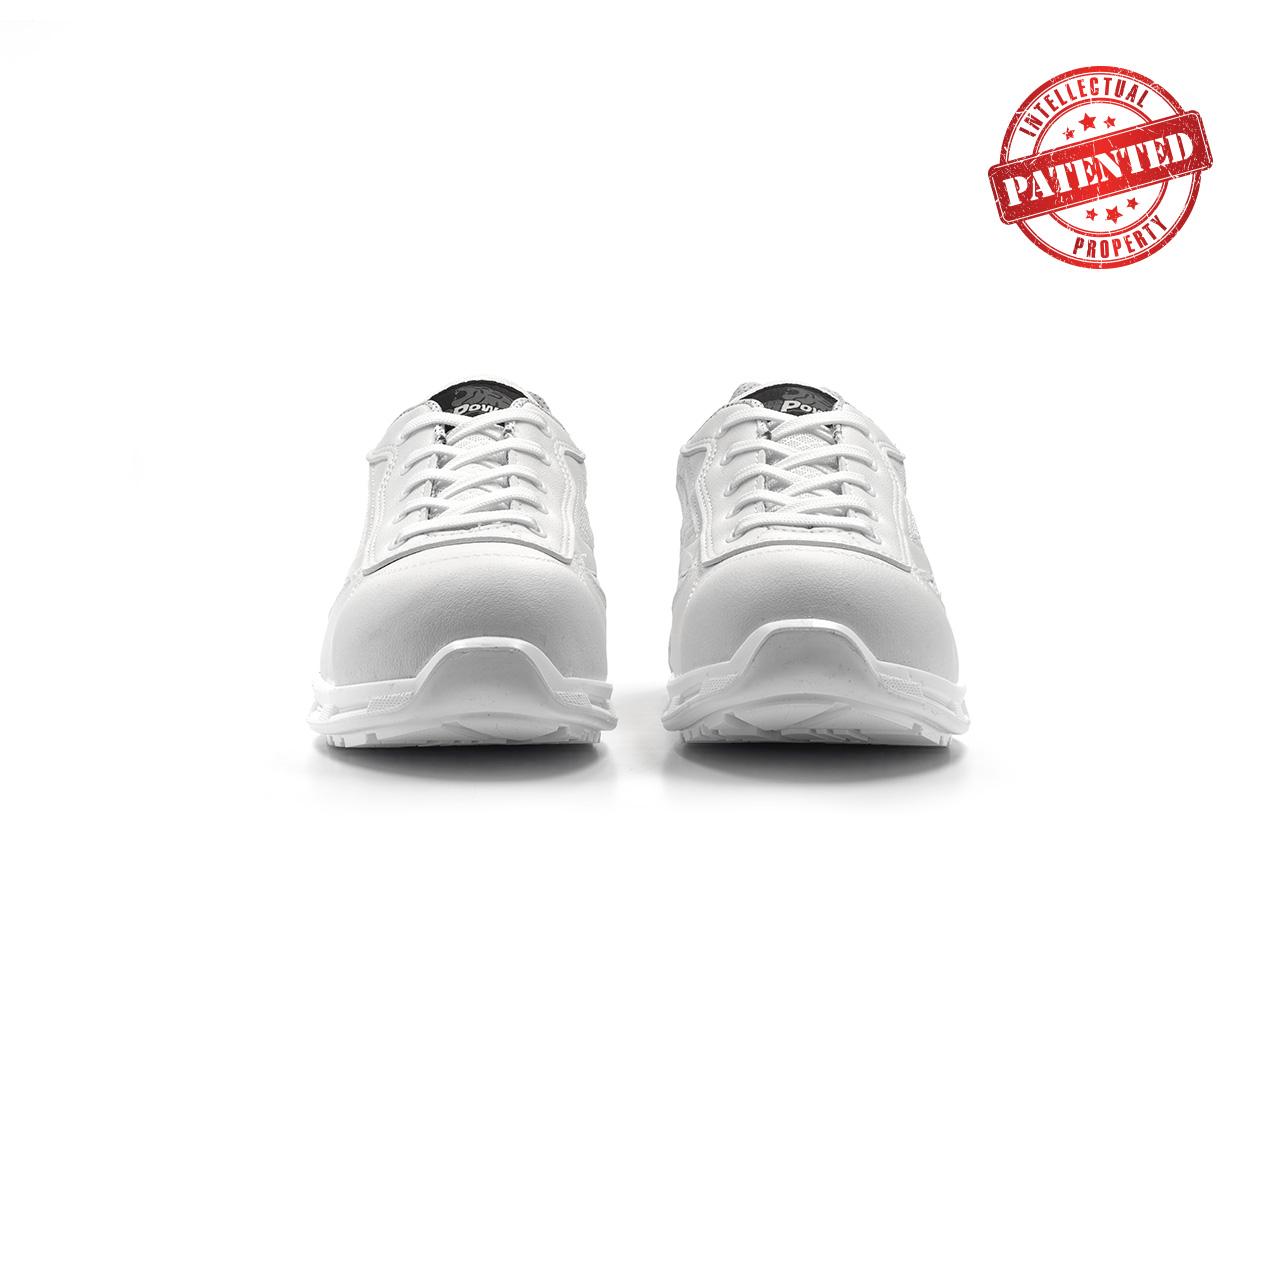 paio di scarpe antinfortunistiche upower modello june linea redlion vista frontale